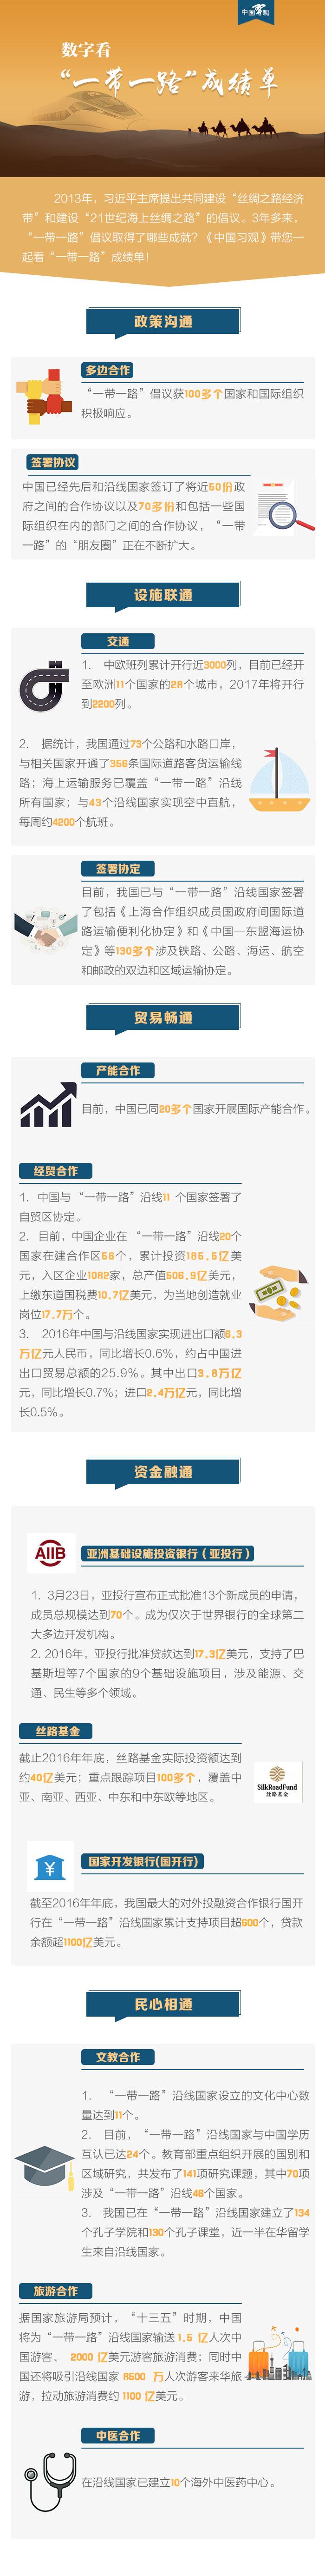 小龙女王 - 网易博客